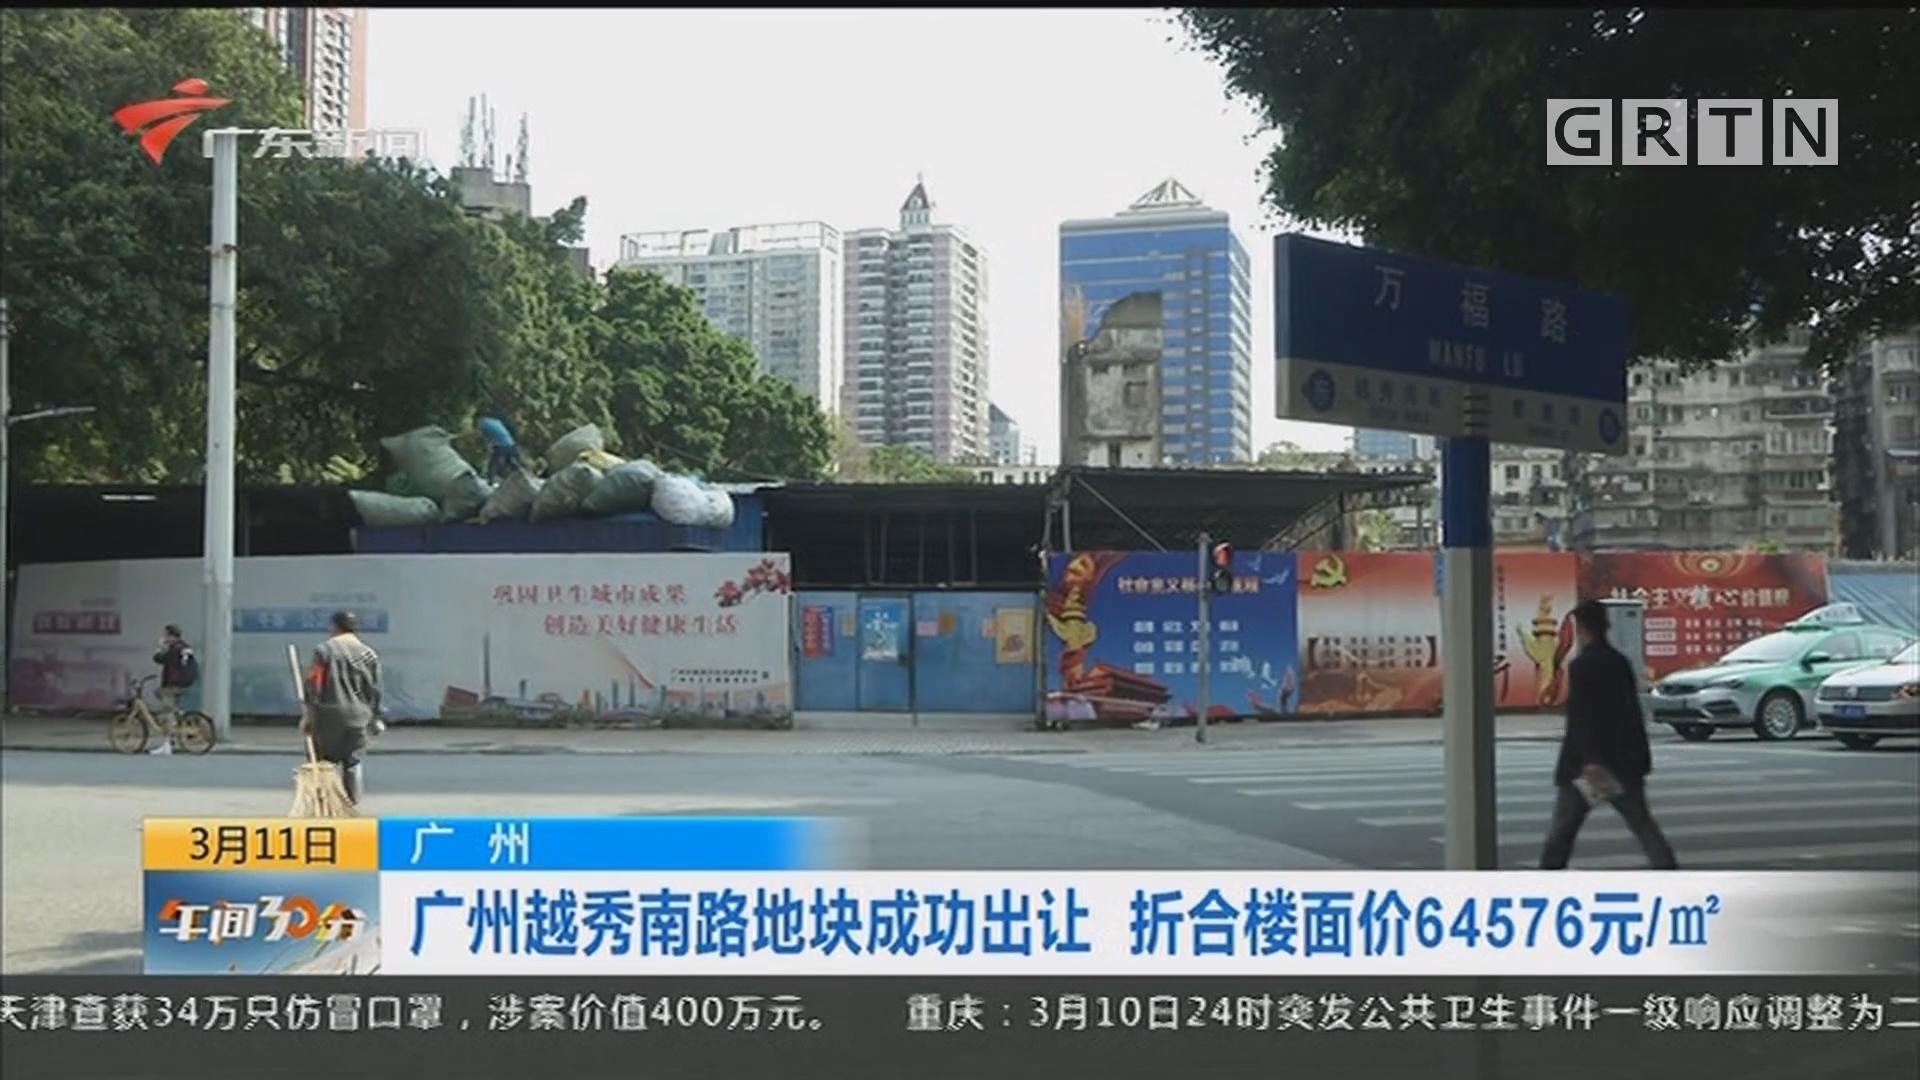 广州:广州越秀南路地块成功出让 折合楼面价64576元/㎡